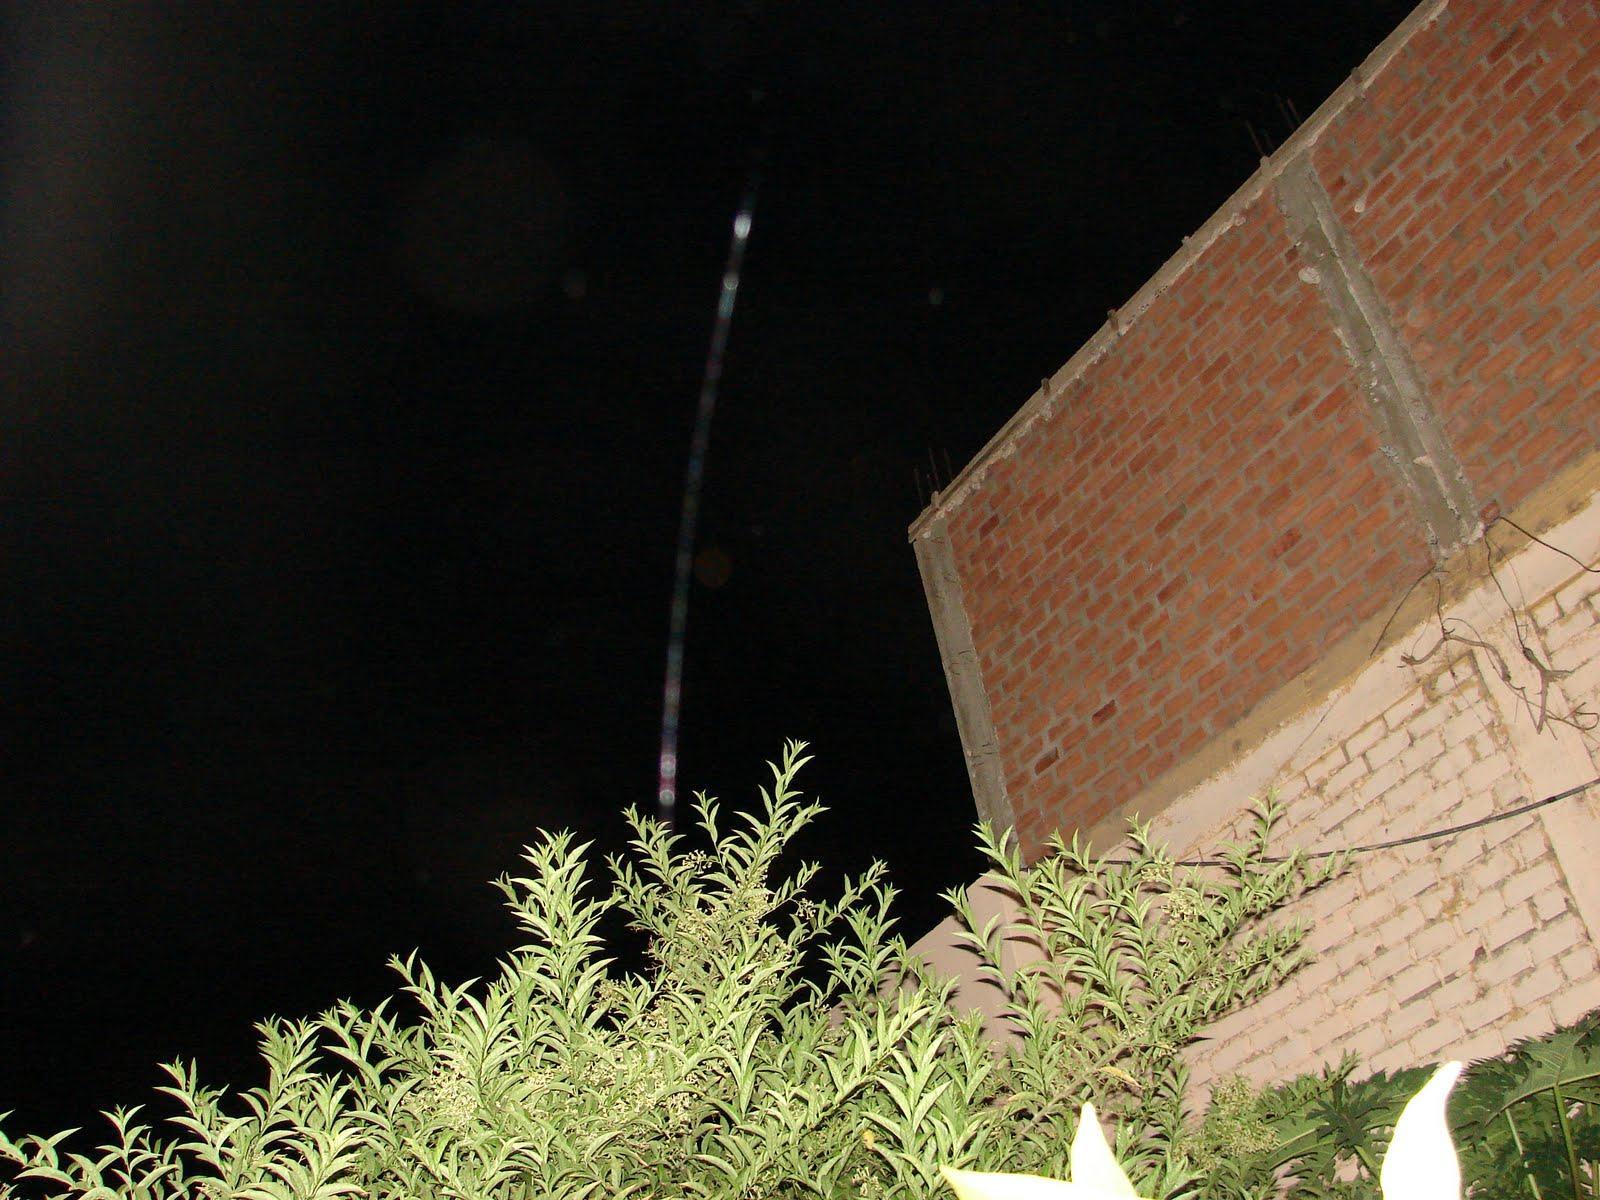 31-Marzo-1-2-3-4-5..2011 Atencion Esfera Ovni lanza ´´Rayo LASER´´ 11:57:00 pm Huacho-Peru sec  ufo